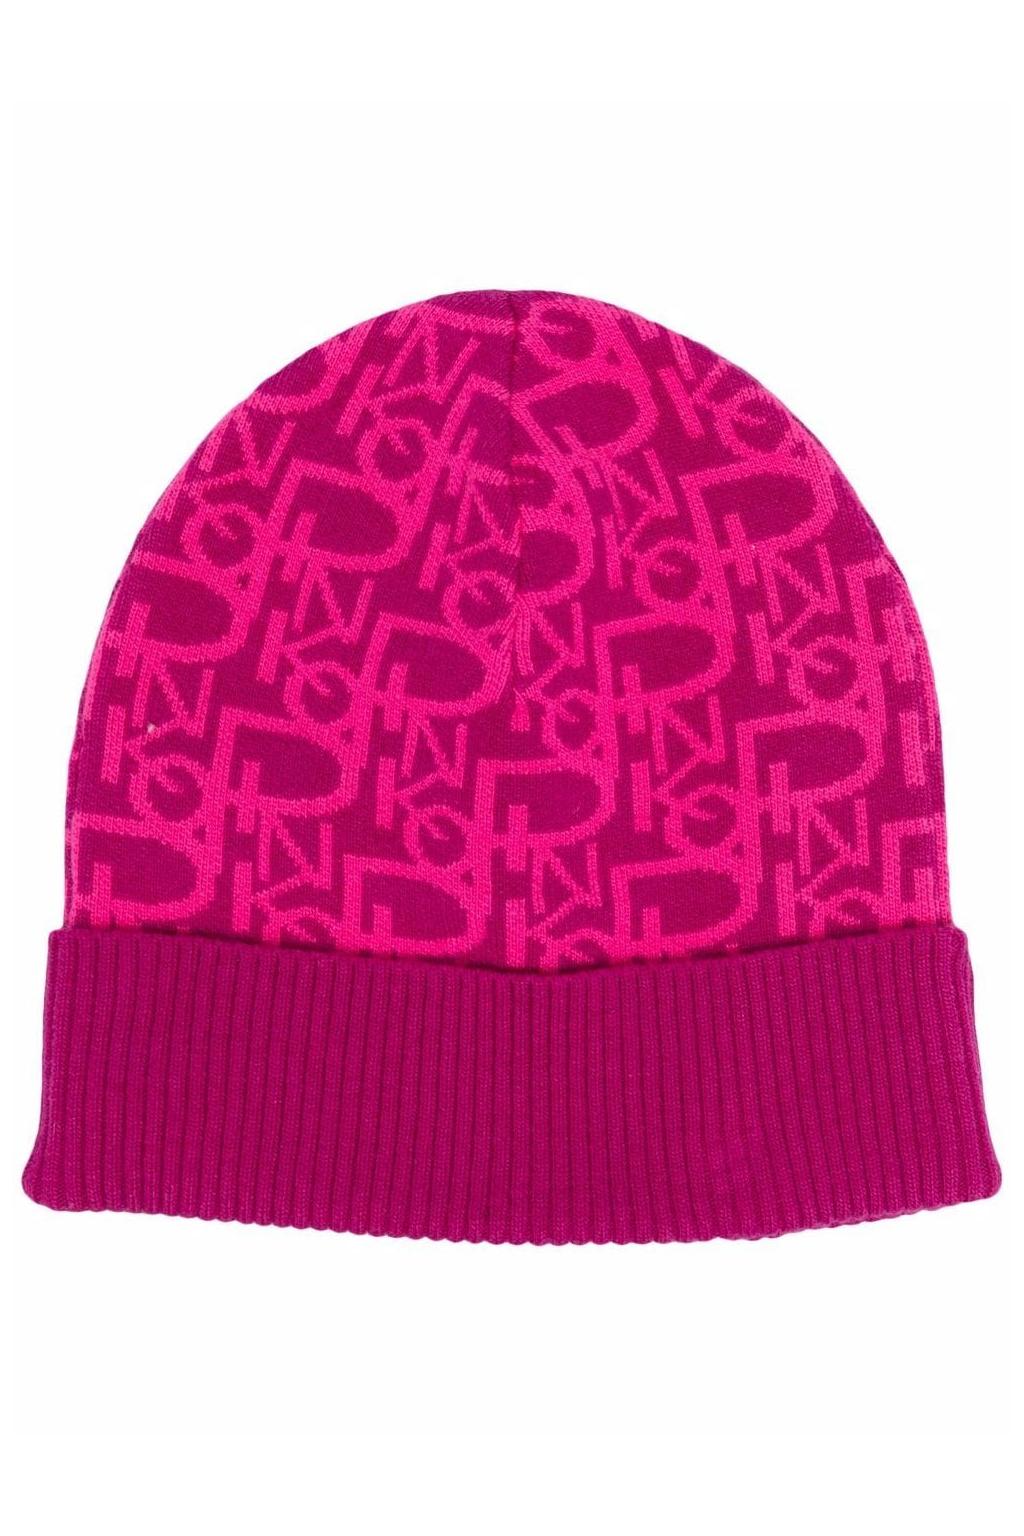 Dámská čepice Pinko Frappato růžová